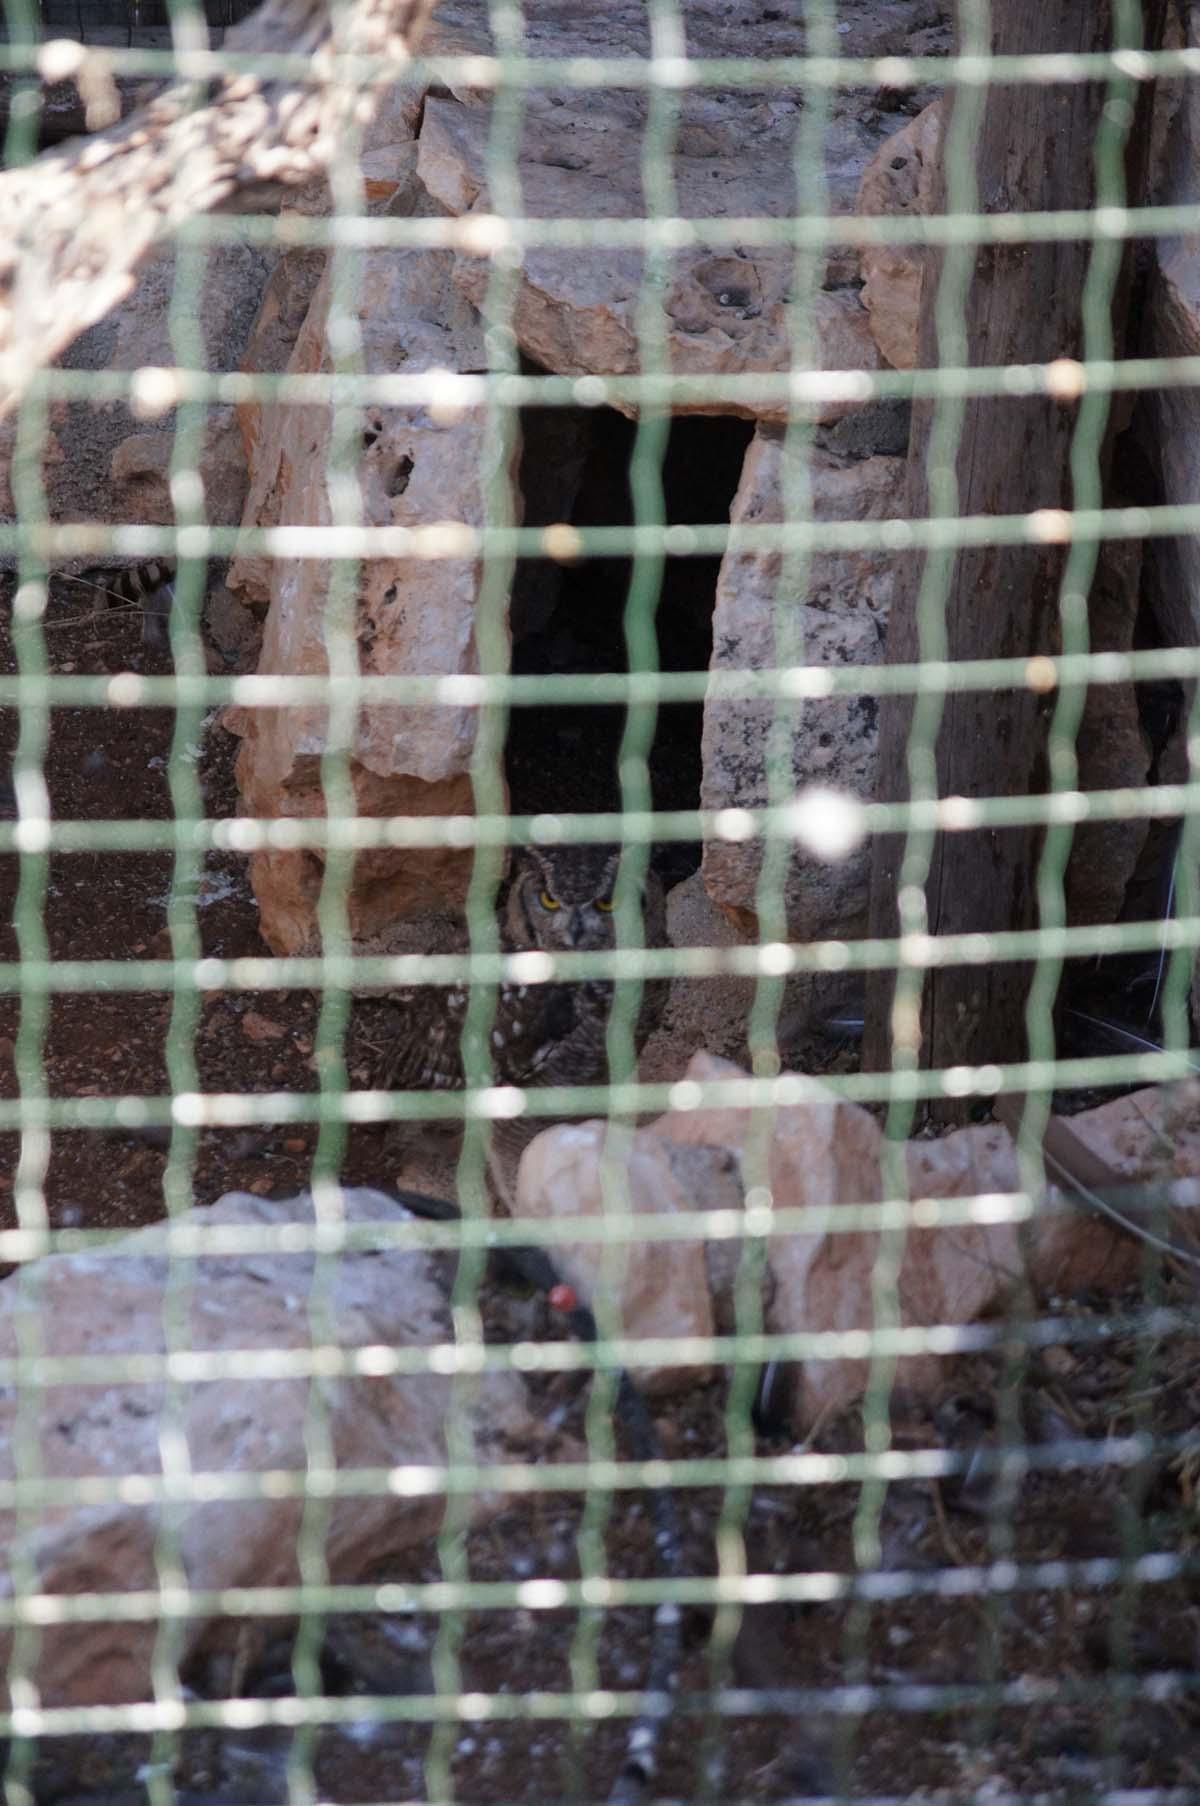 Сова, Cyprus Paphos zoo, Кипрский зоопарк, Пафос